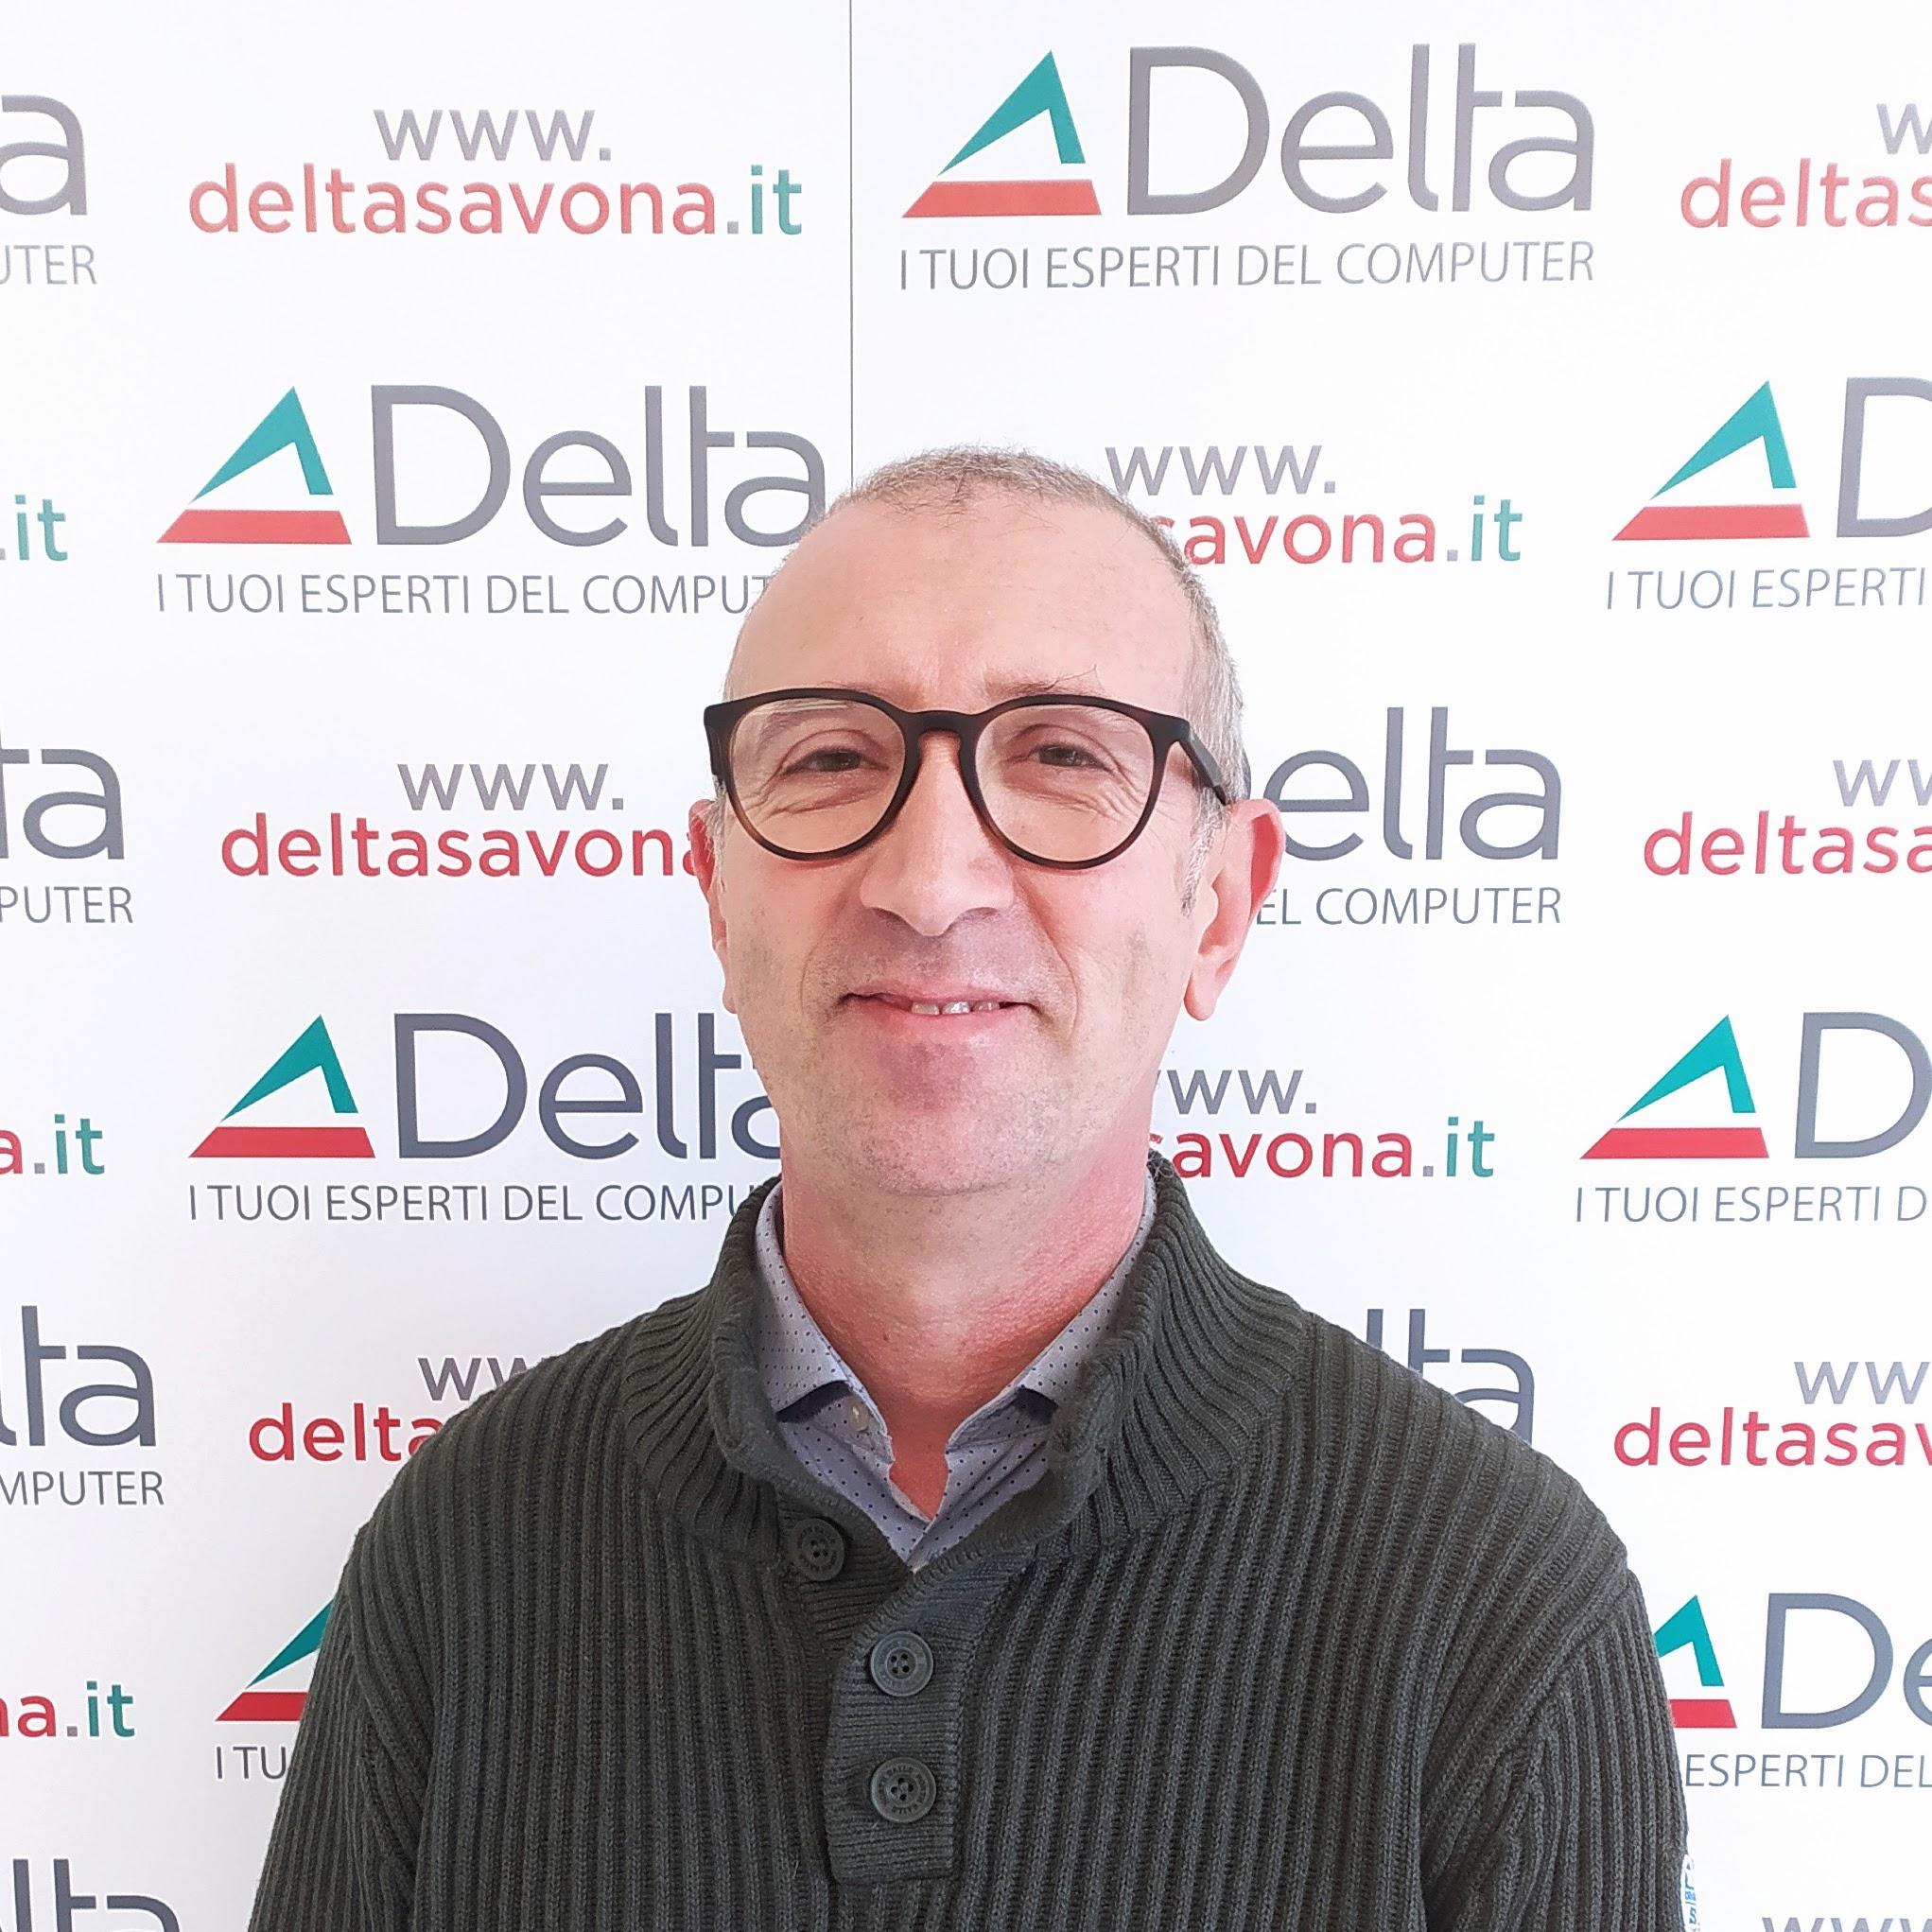 Paolo Manca